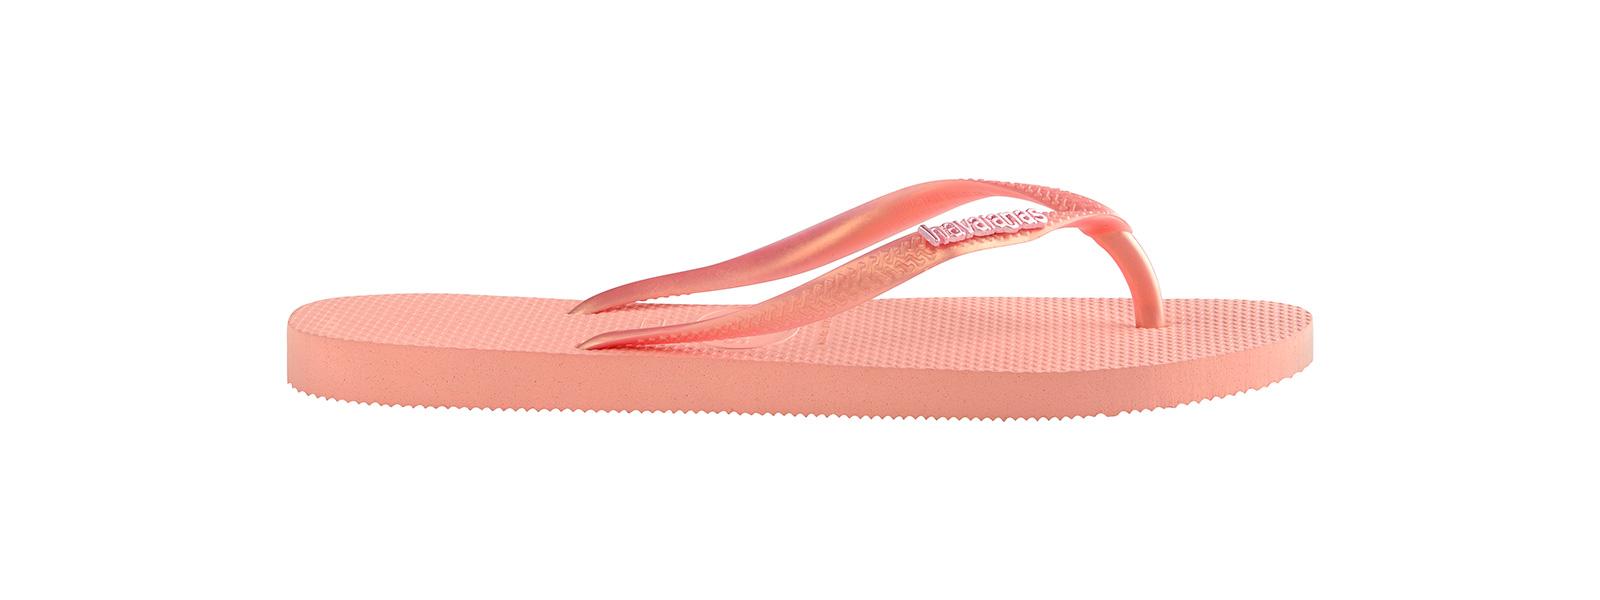 28569e1a75216a Flip-Flops Pink Flip Flops - Havaianas Slim Logo Metallic Light Pink